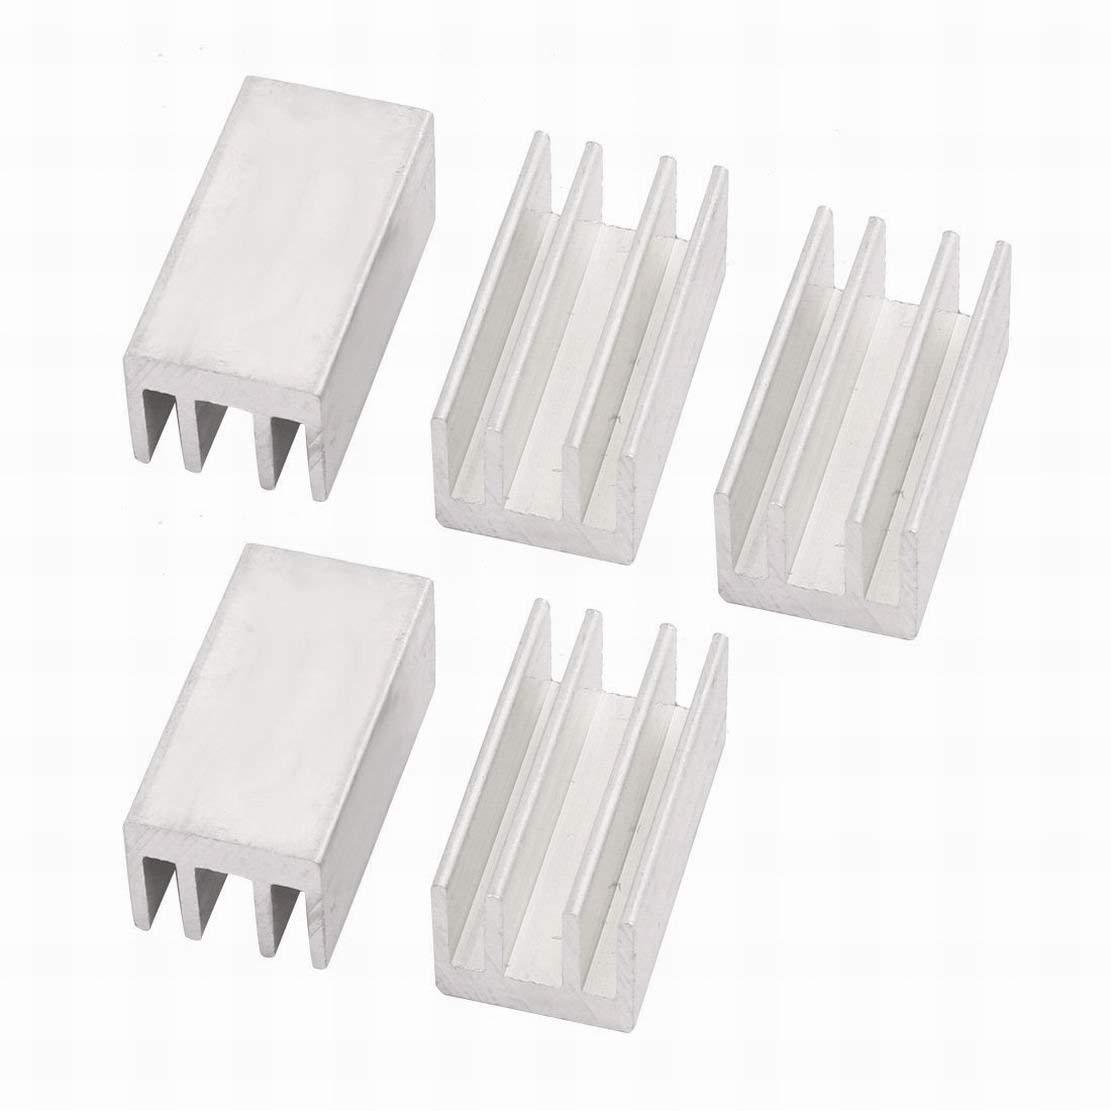 uxcell 40mm x 40mm x 20mm Aluminum Heatsink Heat Diffuse Cooling Fin Silver Tone